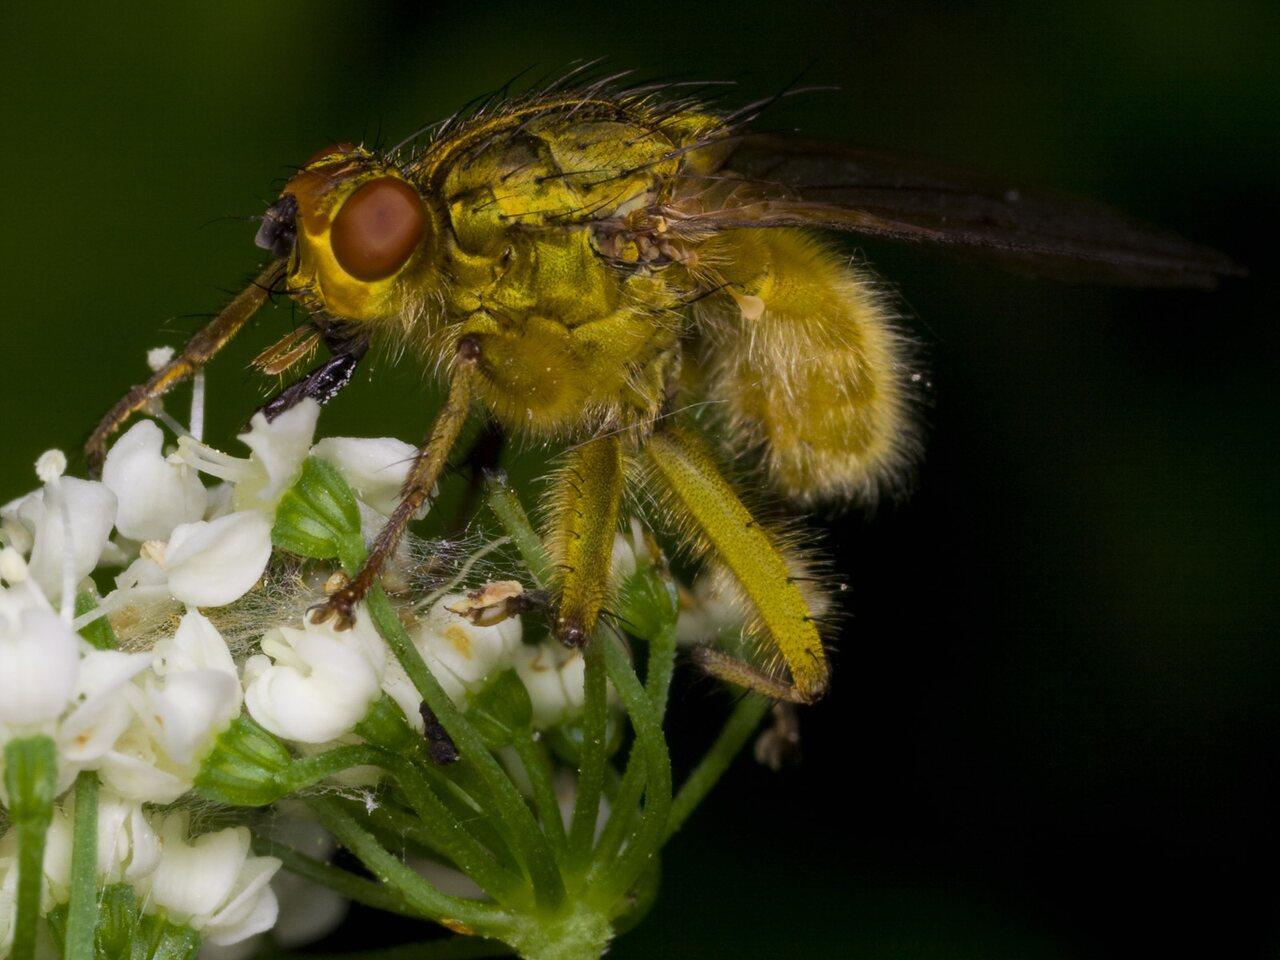 Scathophaga-stercoraria-3339.jpg